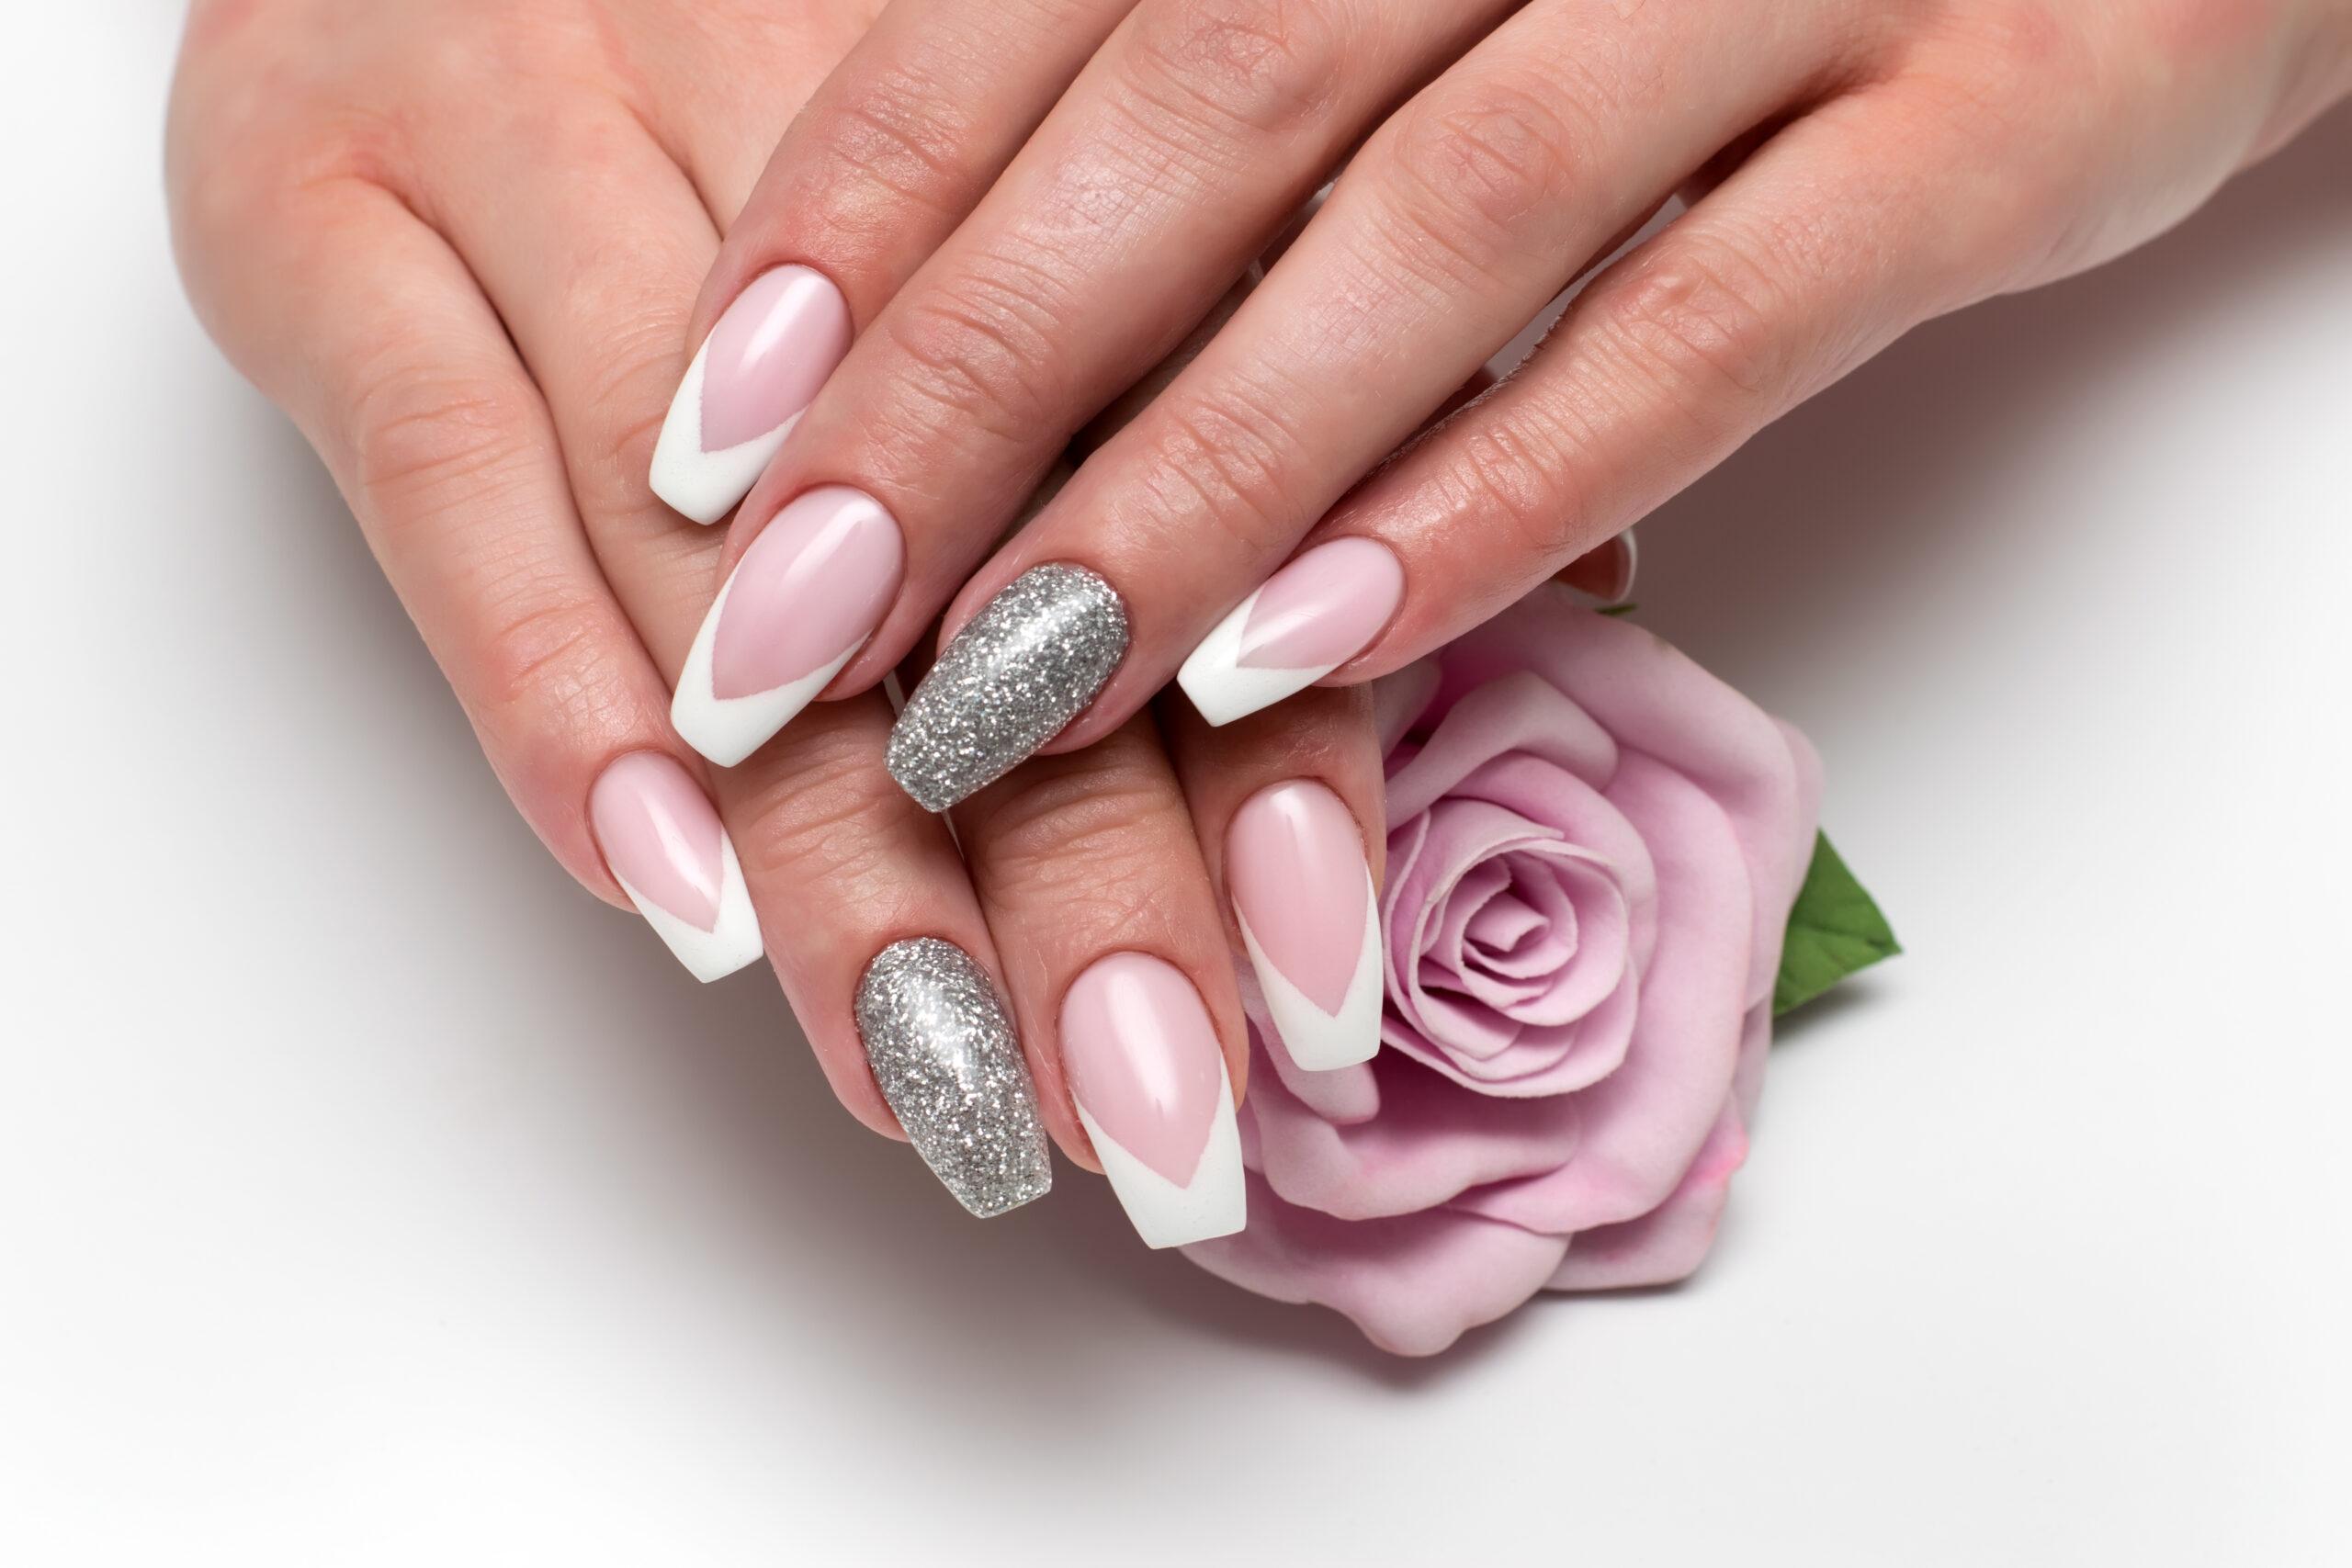 różowe paznokcie na ślub french ze srebrnymi dodatkami na dłoniach panny młodej